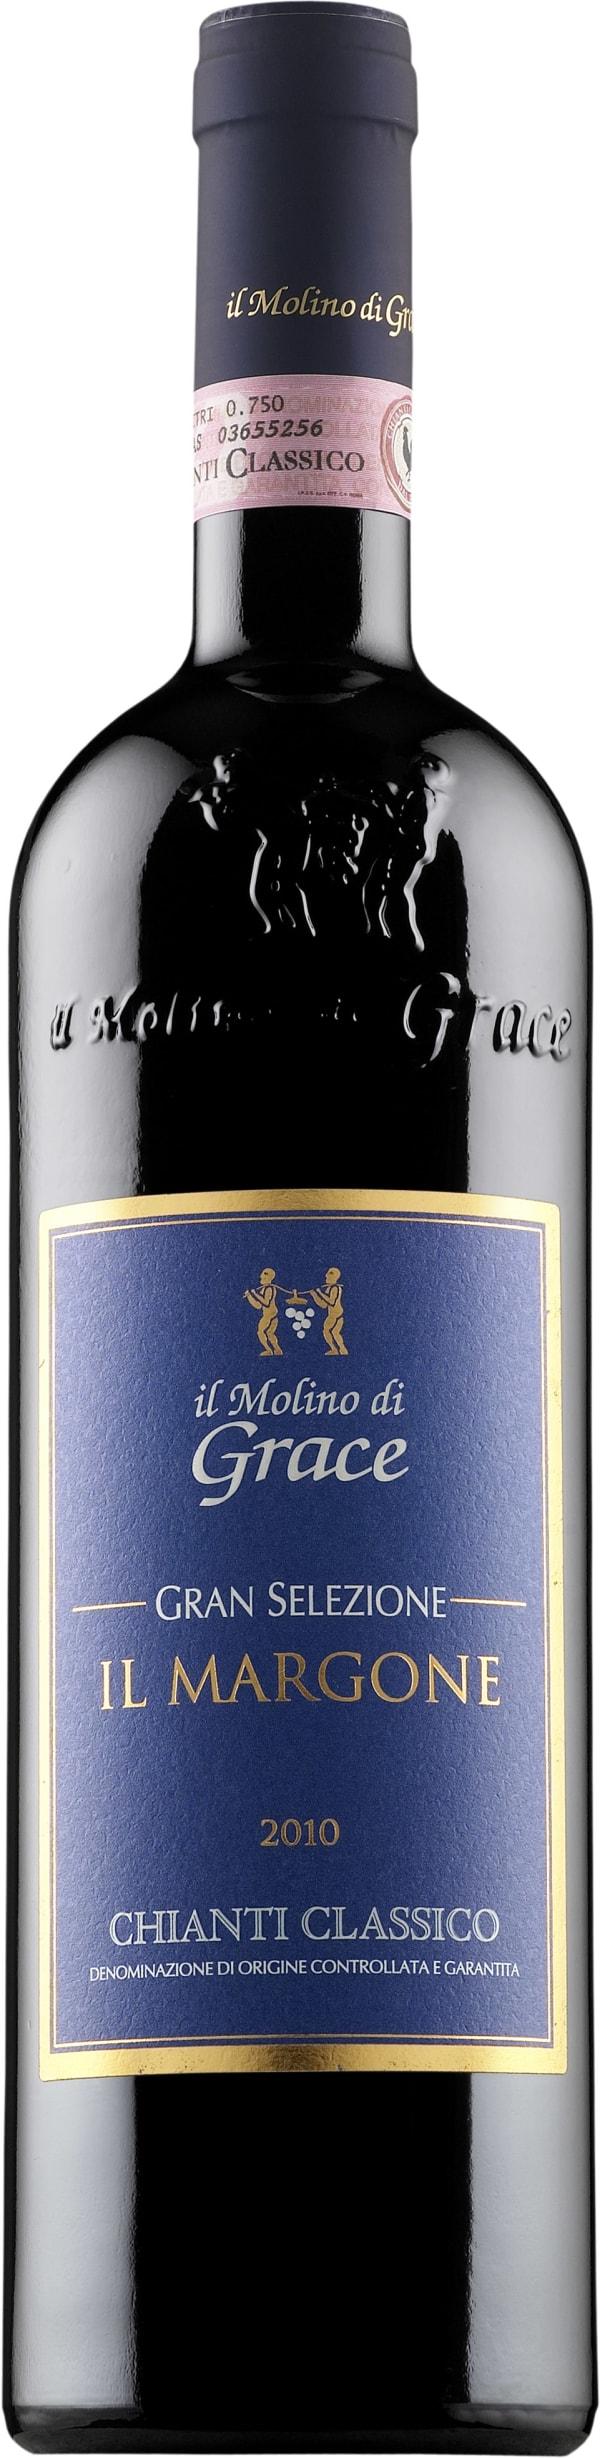 Il Molino di Grace Il Margone 2011